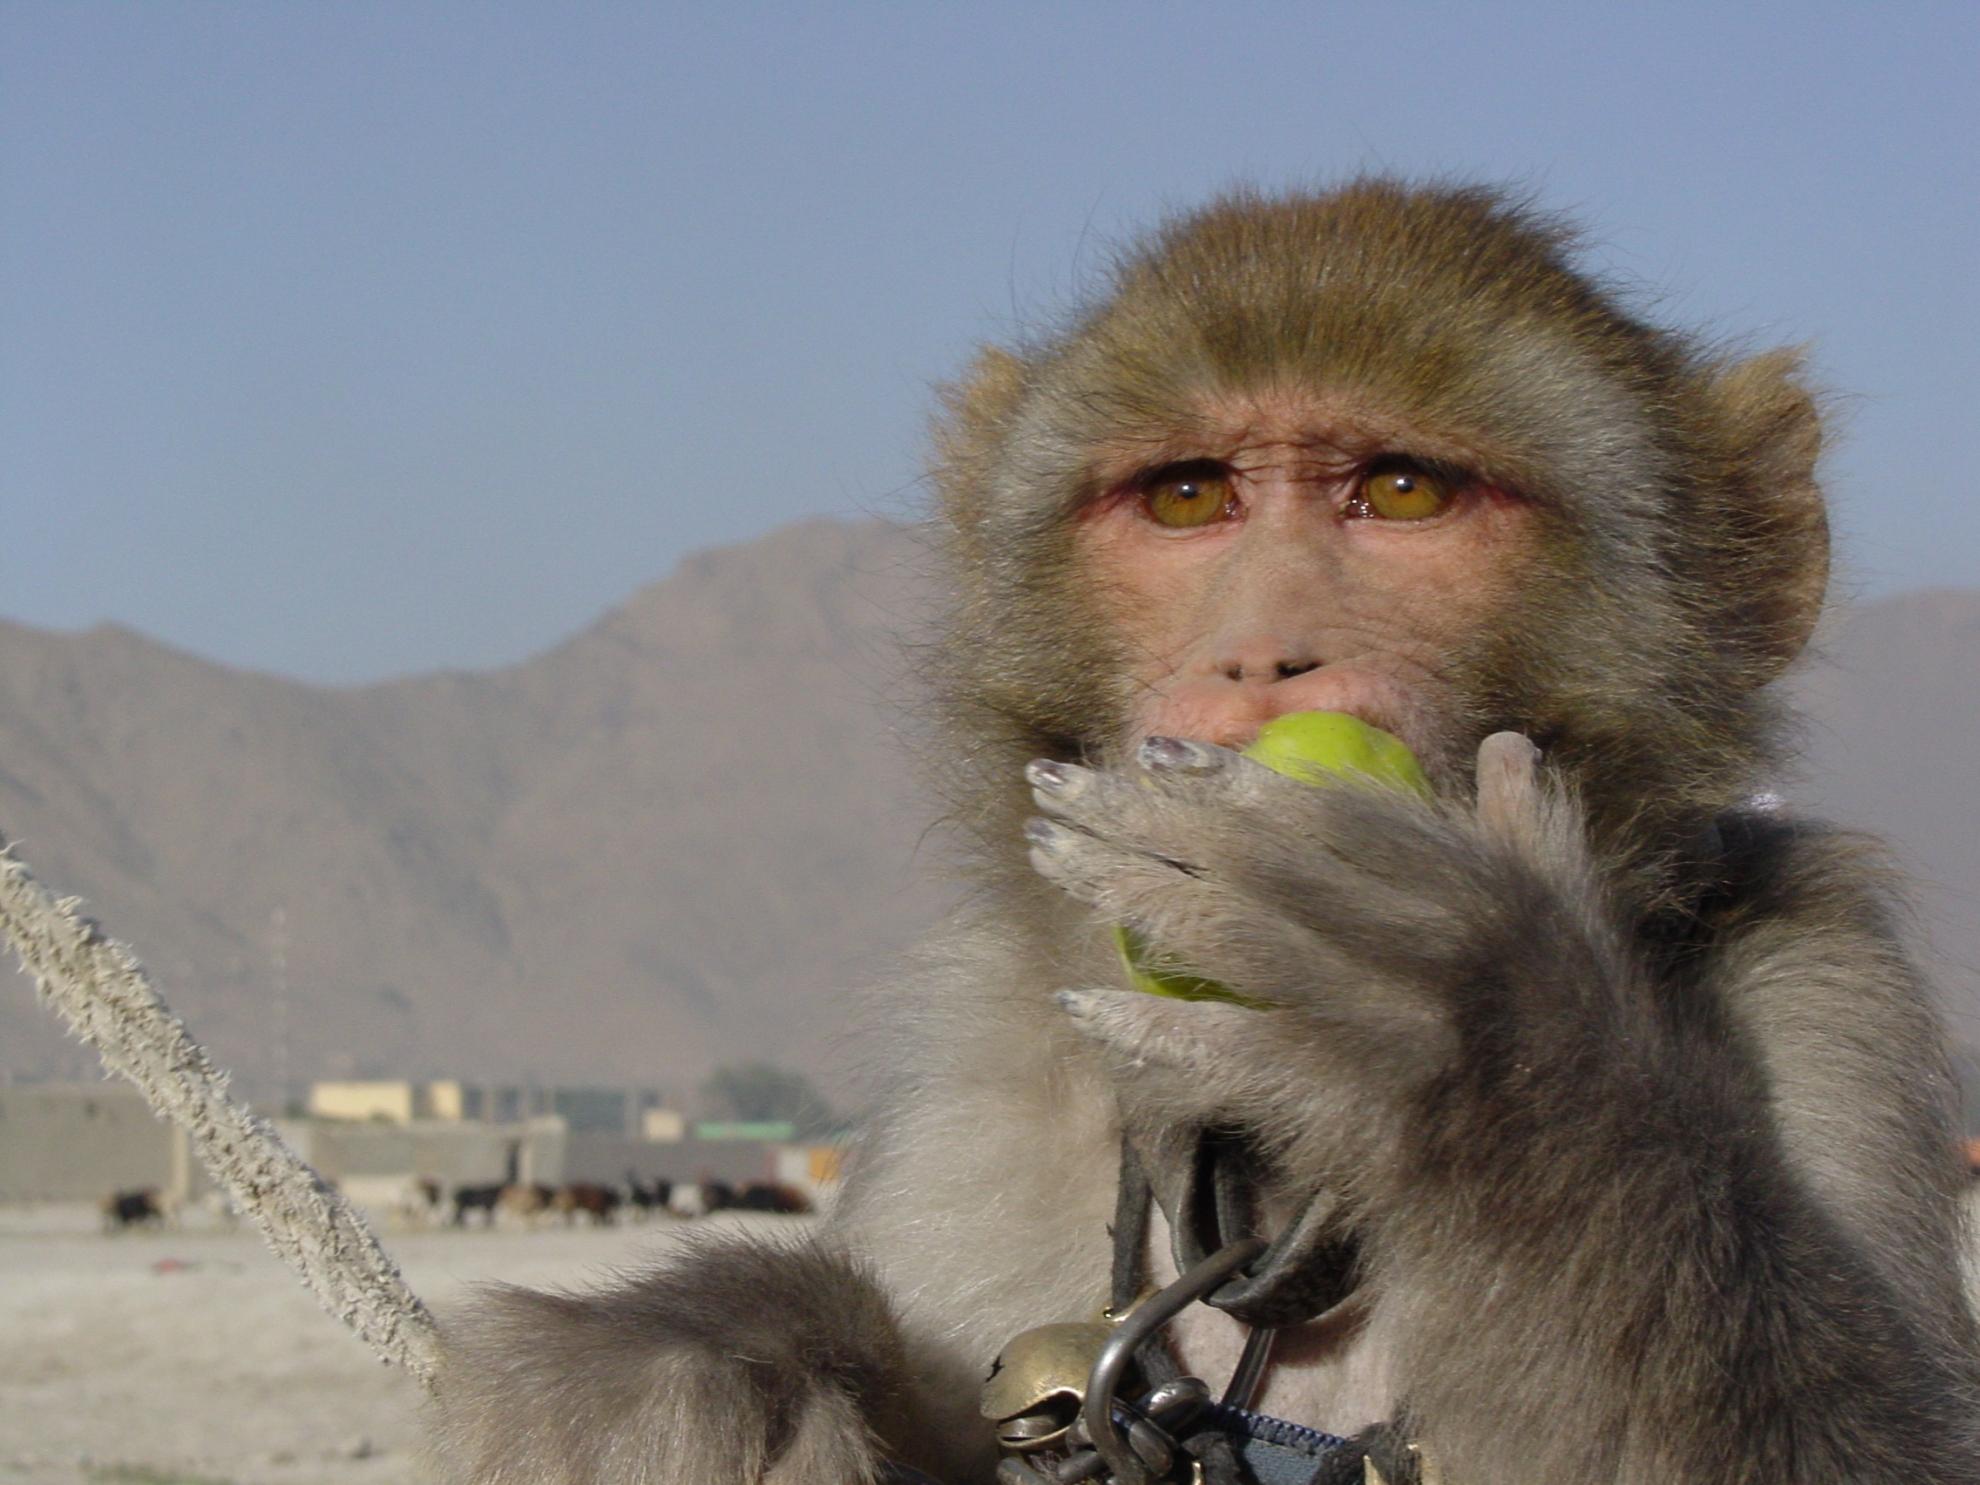 En af lejrens beboere prøver at tjene penge på sin abe. Foto: Jens Kjær Jensen